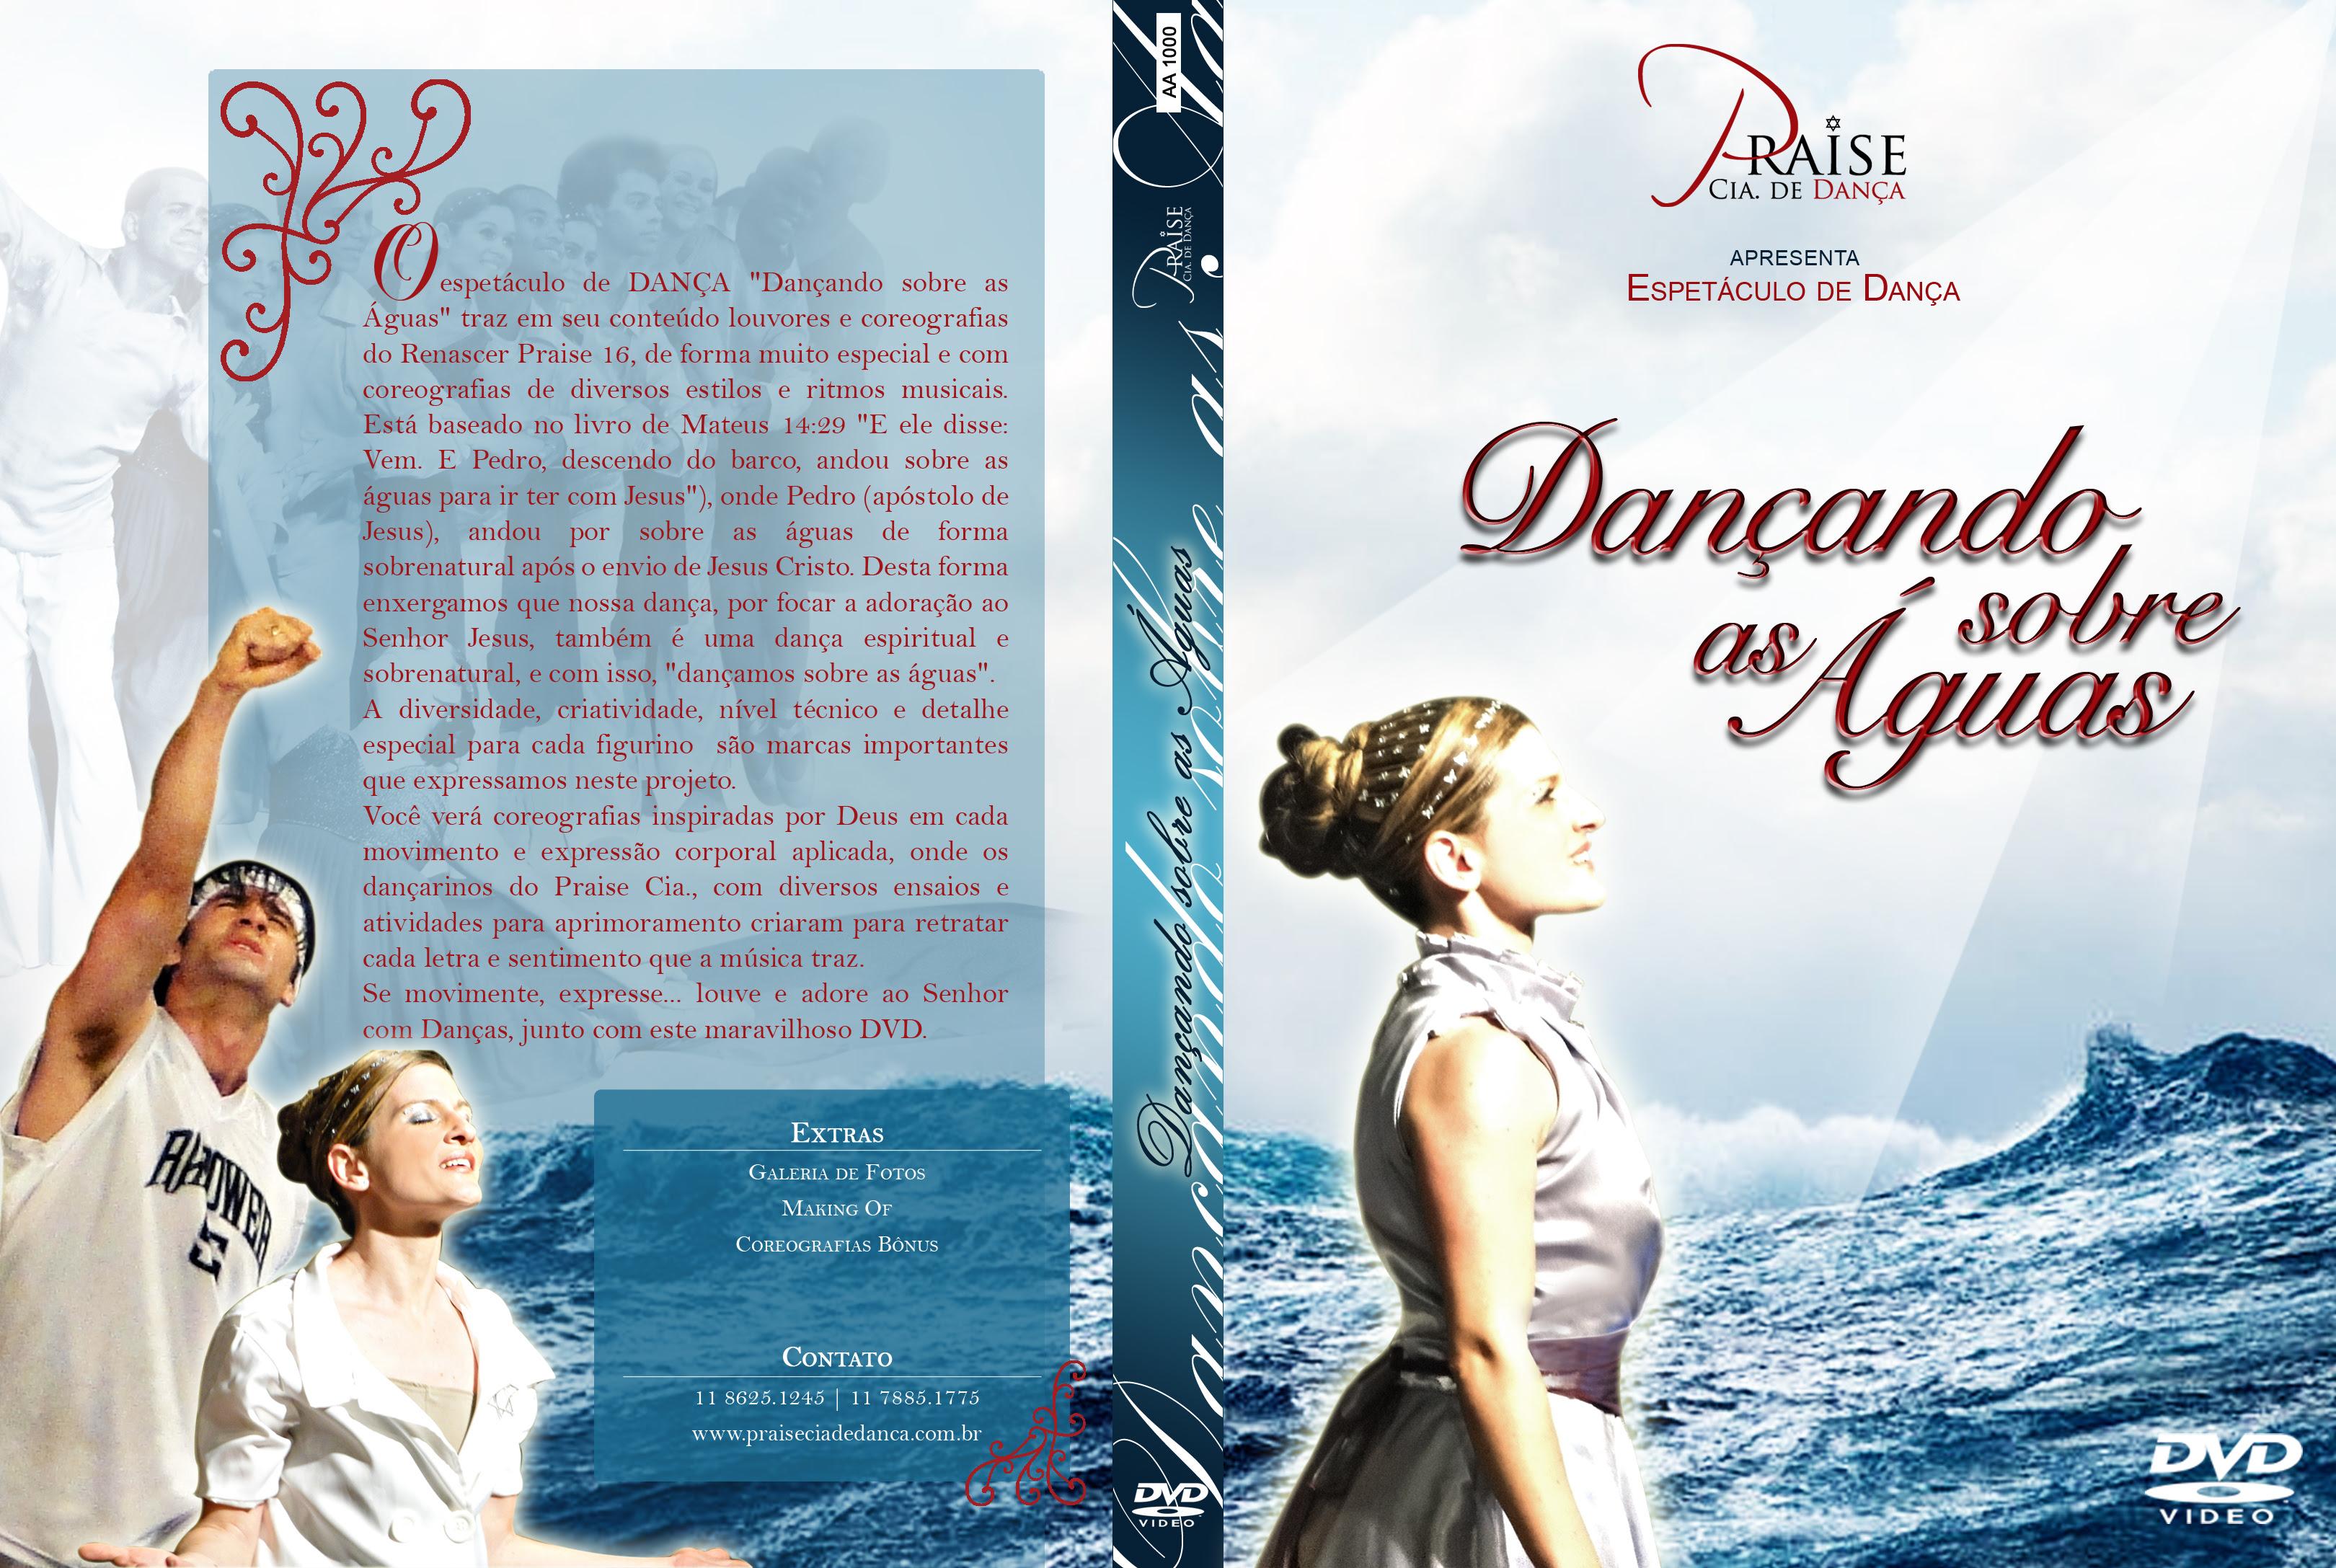 DVD Dançando sobre as aguas (Praise Cia de Dança)